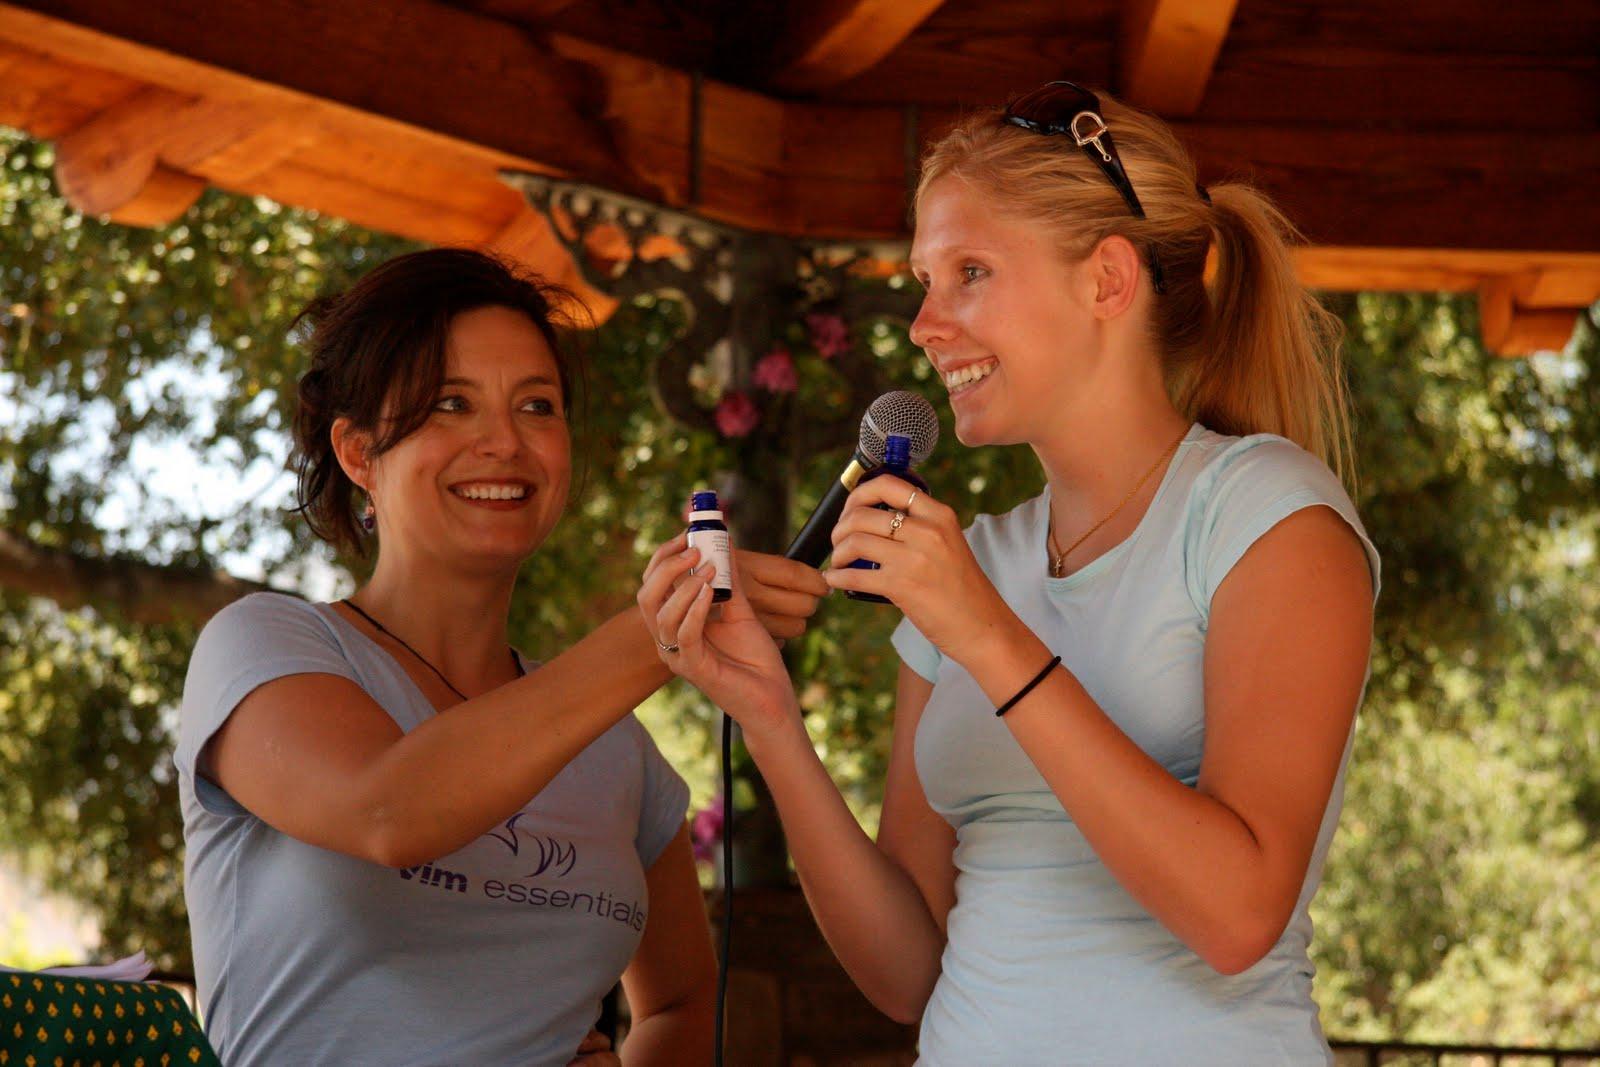 Hosting the Ojai Valley Lavender Festival 6/26/10, two girls